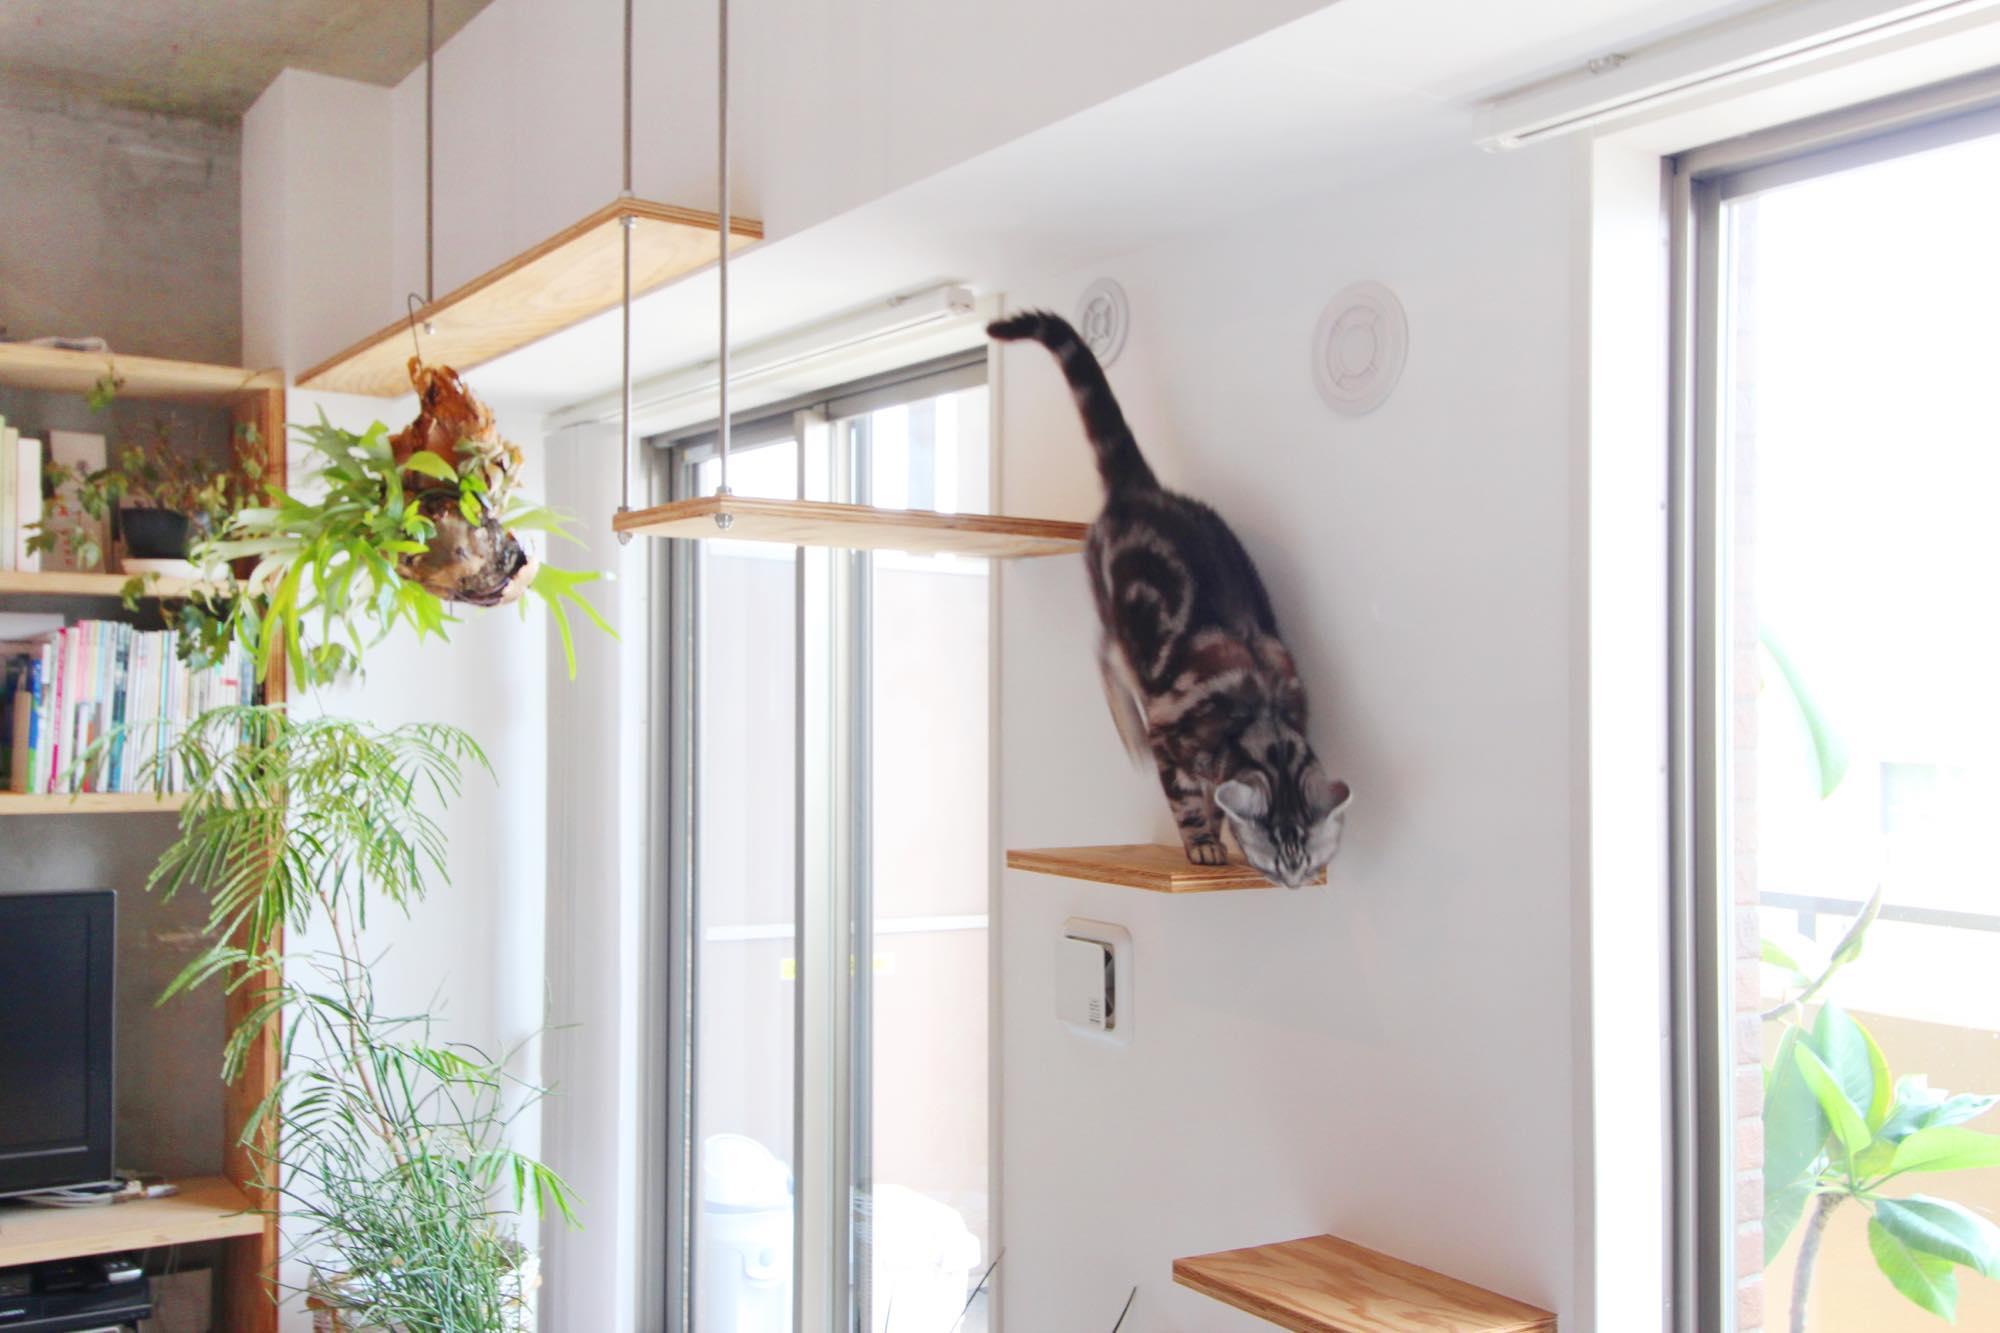 キャットウォークを登る猫ちゃん。猫ちゃんも暮らしを楽しめるような空間に。